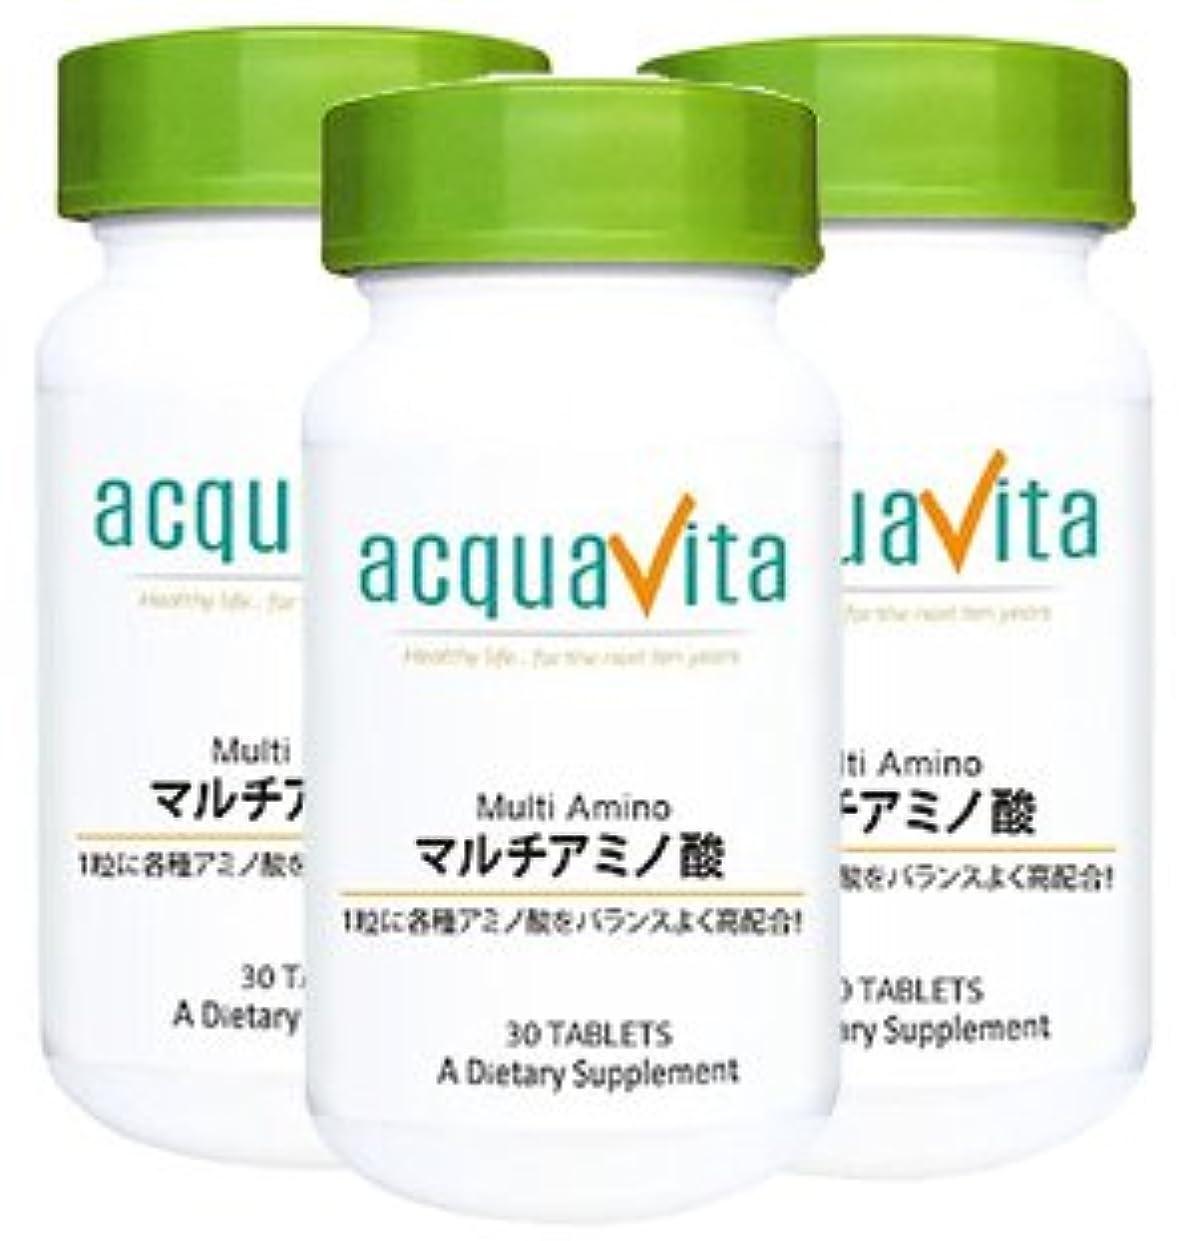 ポーン反響する機関アクアヴィータ マルチアミノ酸(アクアビータ?Acquavita)【3本セット】